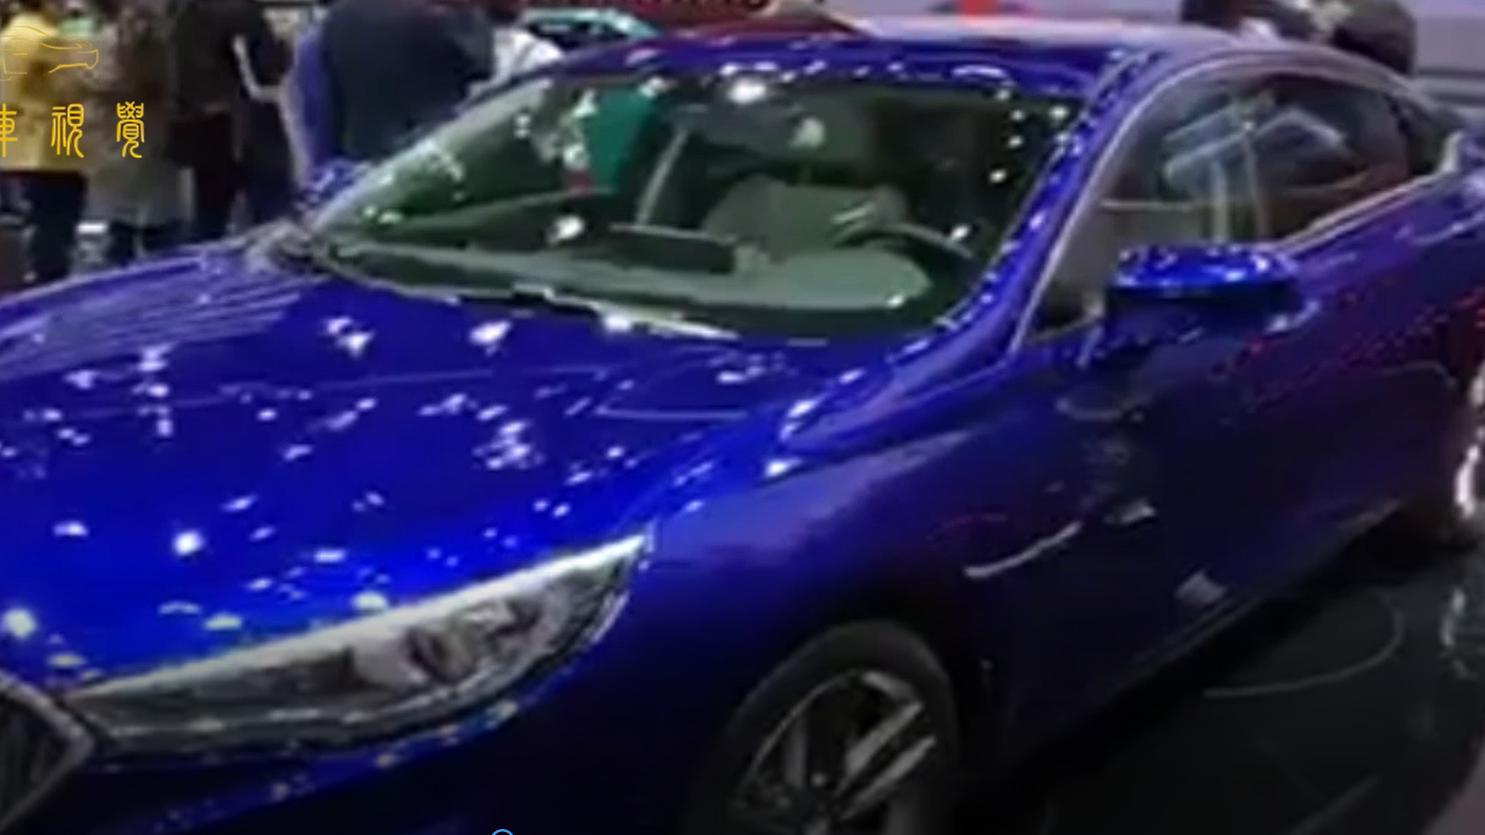 长4米93,轴距2米87,售价仅15万起,还是中国豪华车